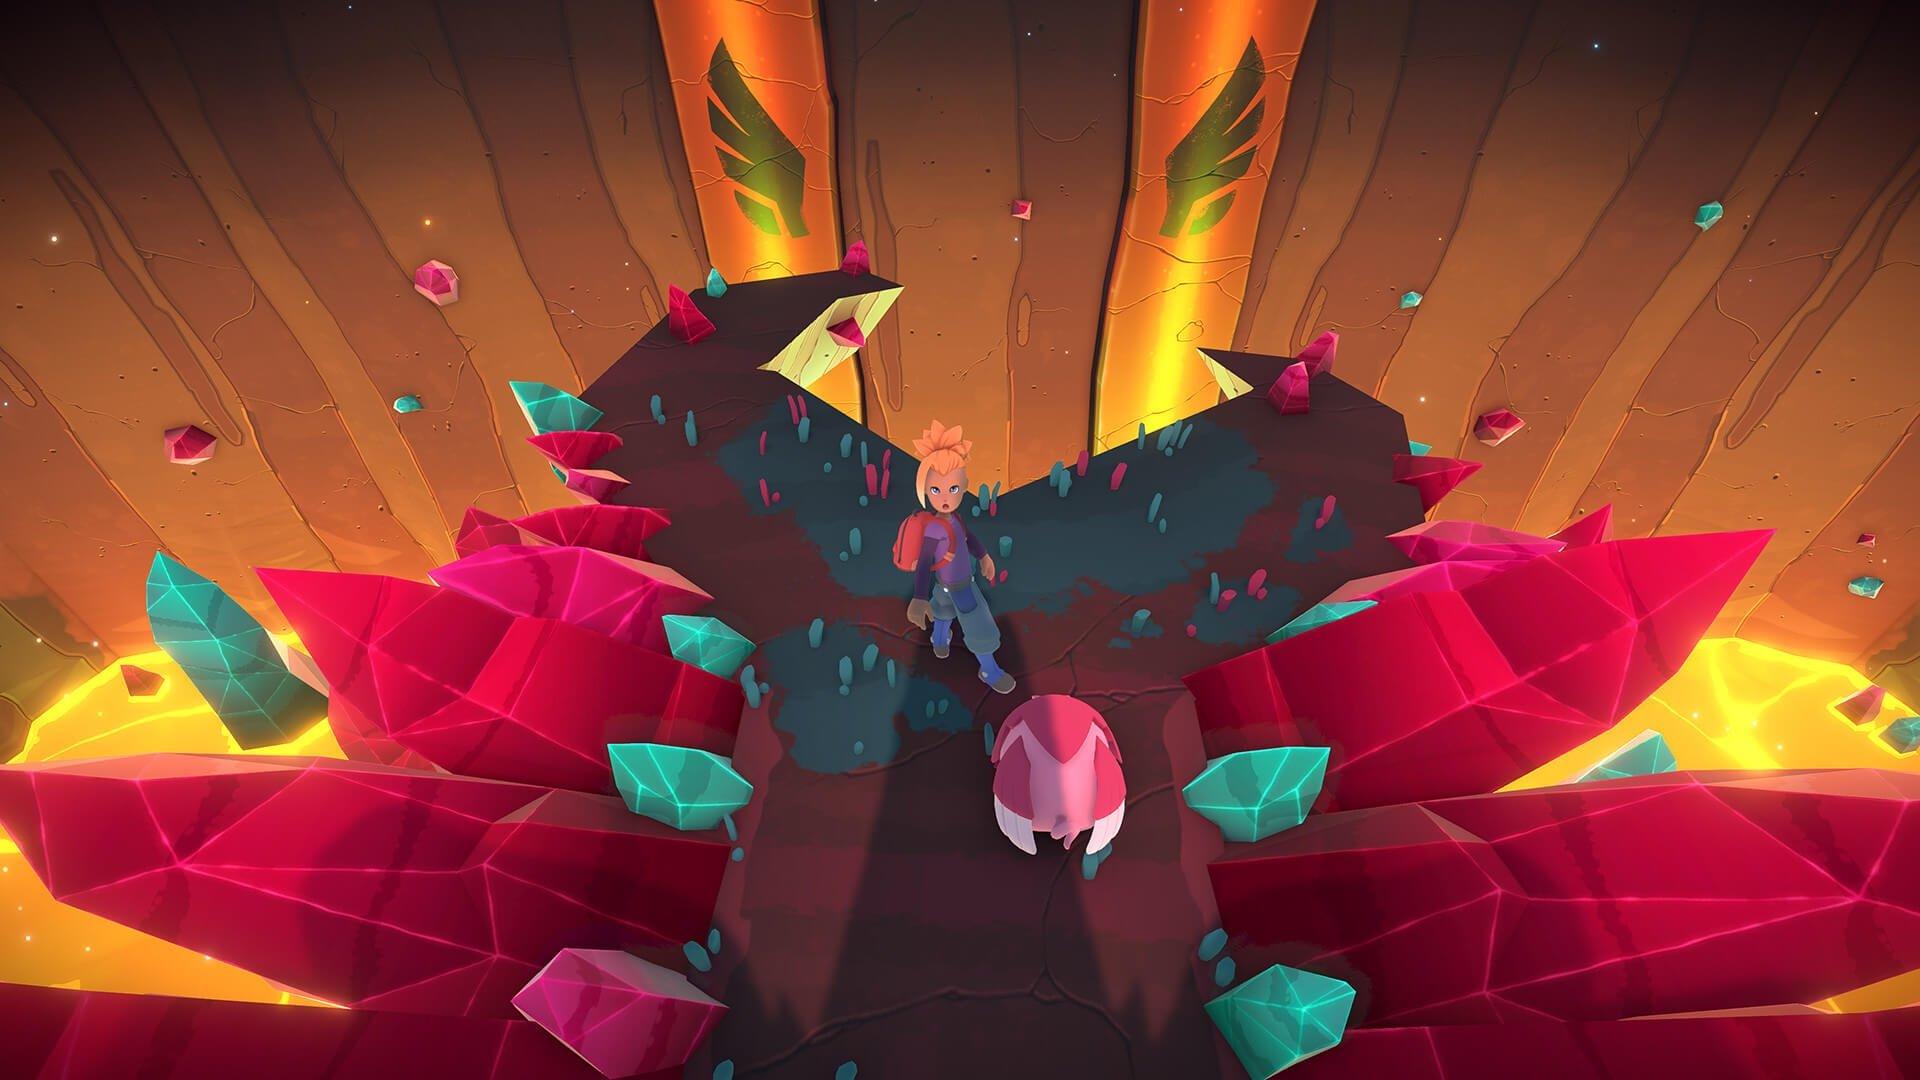 Берегите нервы: игроки не могут поиграть в новую MMO Temtem про покемонов из-за многотысячных очередей mmorpg,temtem,игровые новости,Игры